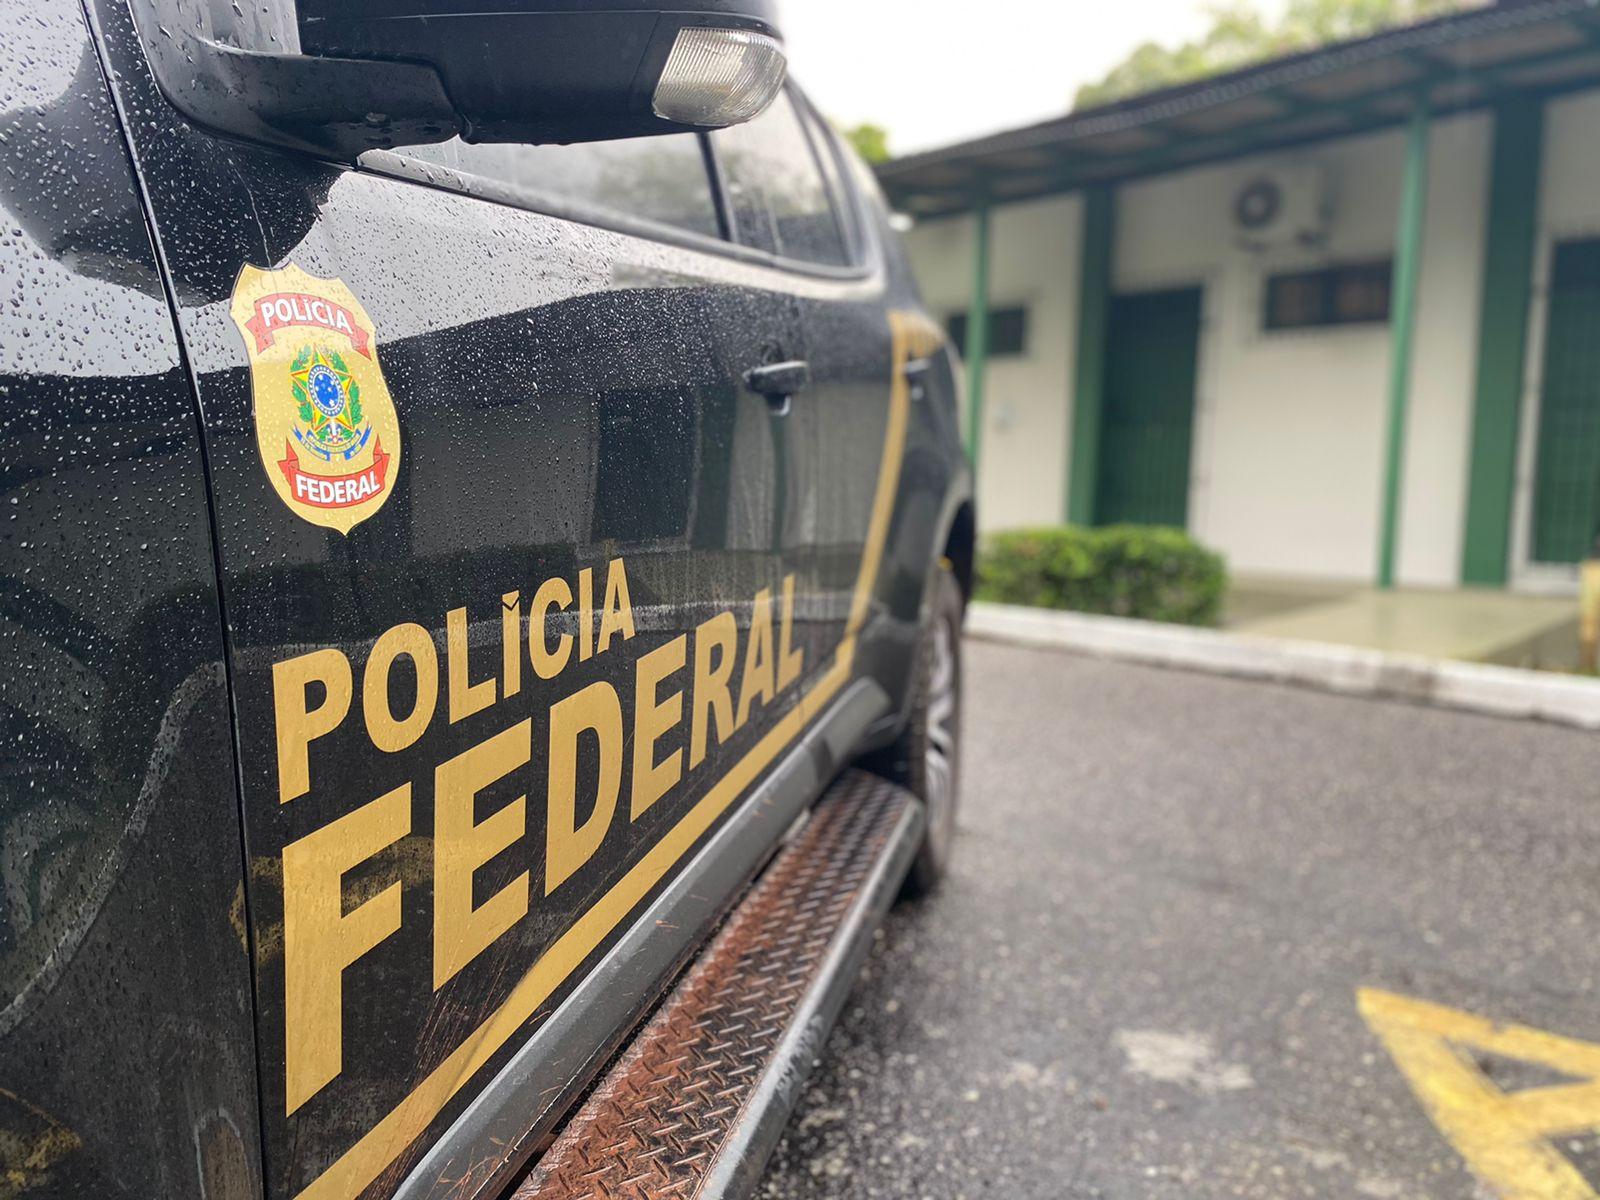 Polícia Federal do Pará deflagra operação e cumpre mandados na Universidade Federal Rural da Amazônia